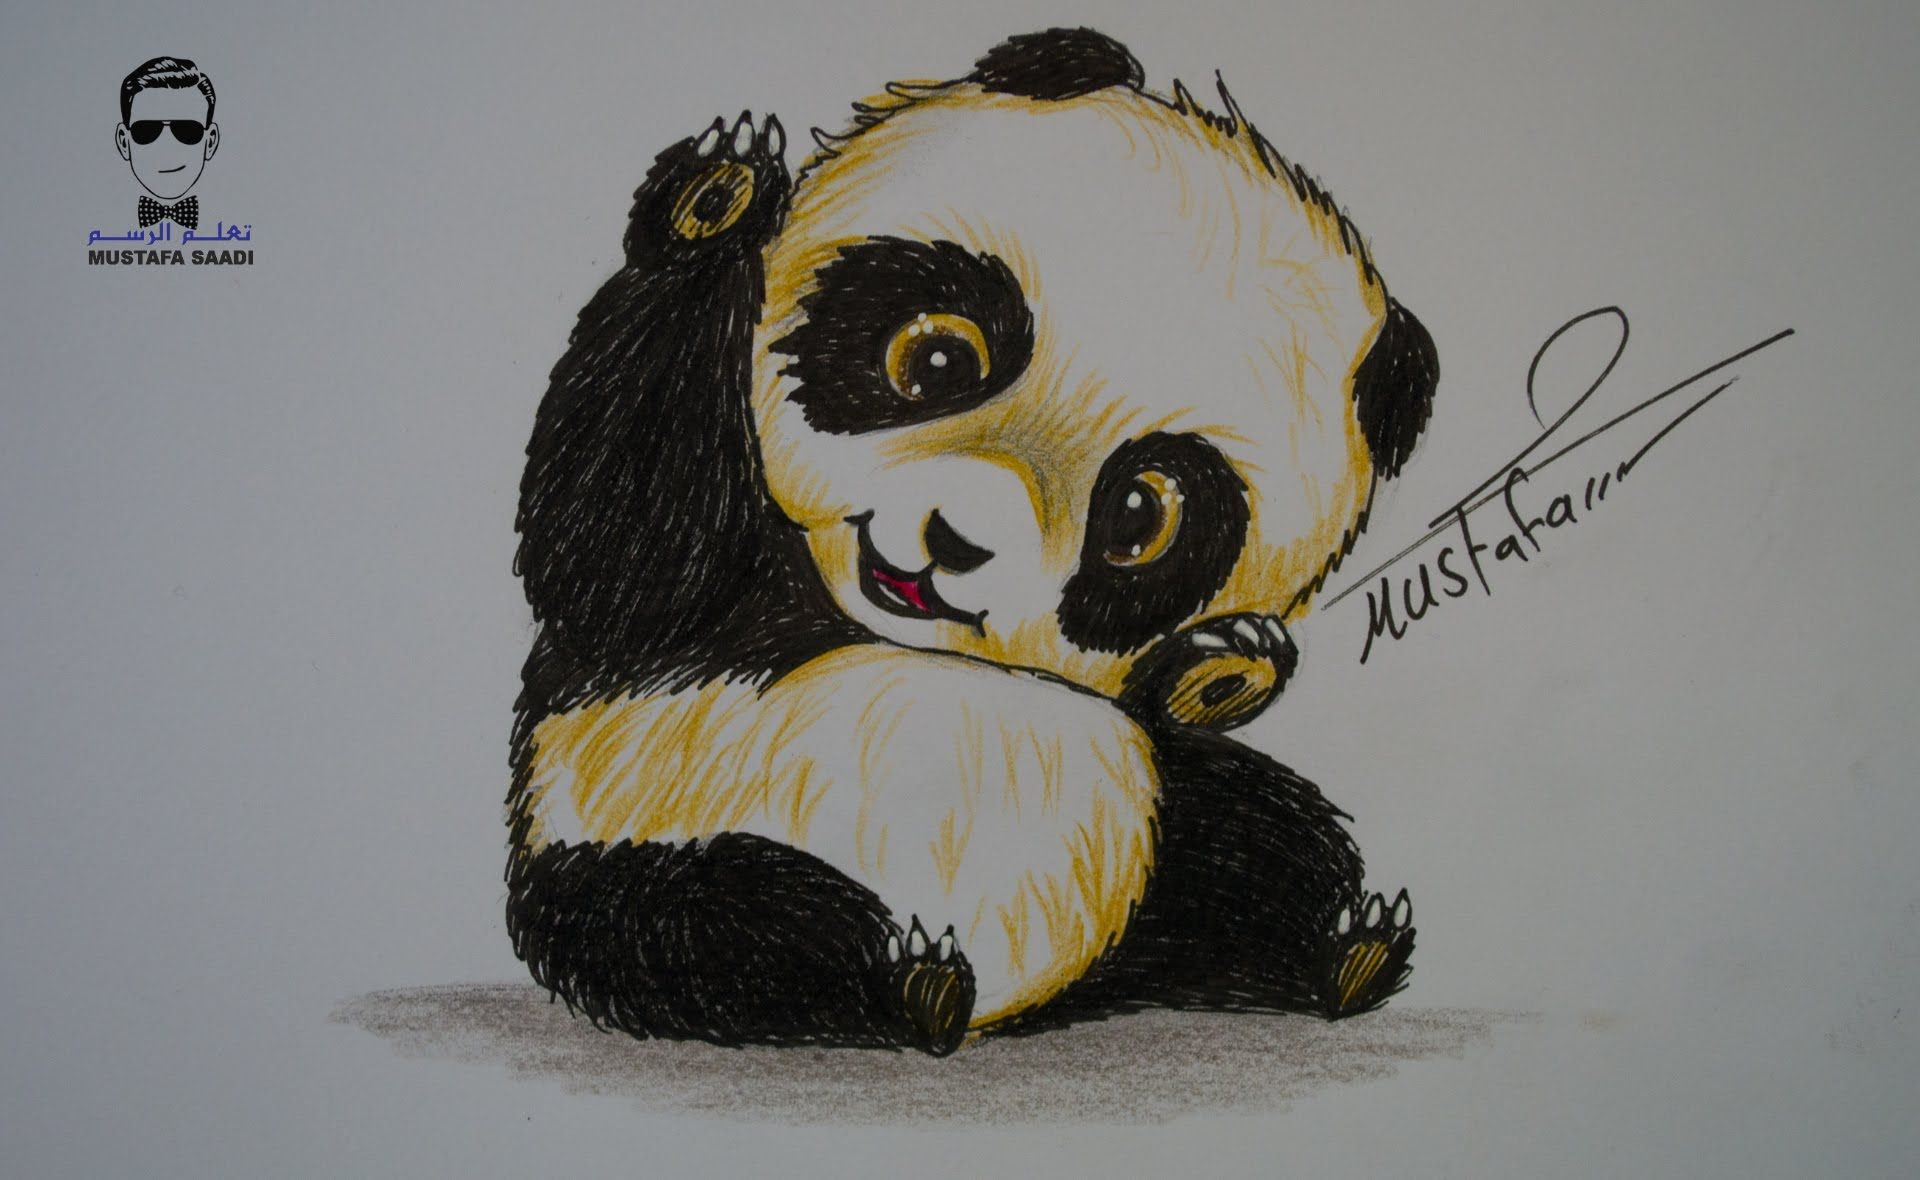 تعليم رسم دب الباندا بالرصاص والالوان مع الخطوات للمبتدئين Animal Drawings Drawing For Kids Drawings